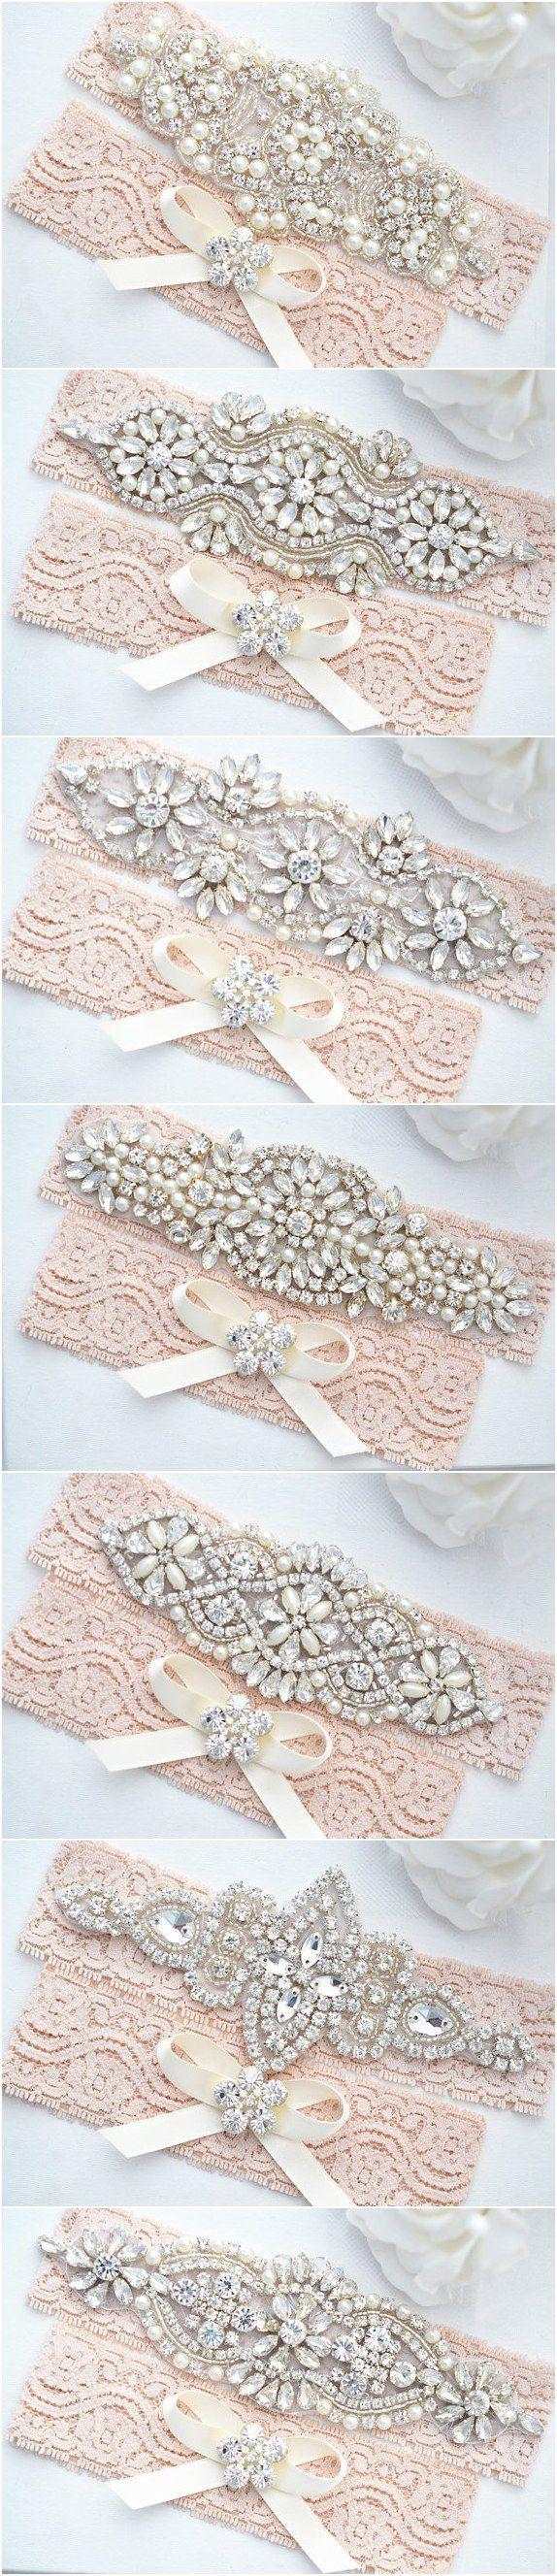 best 25+ diy wedding garter ideas on pinterest | diy lace garter